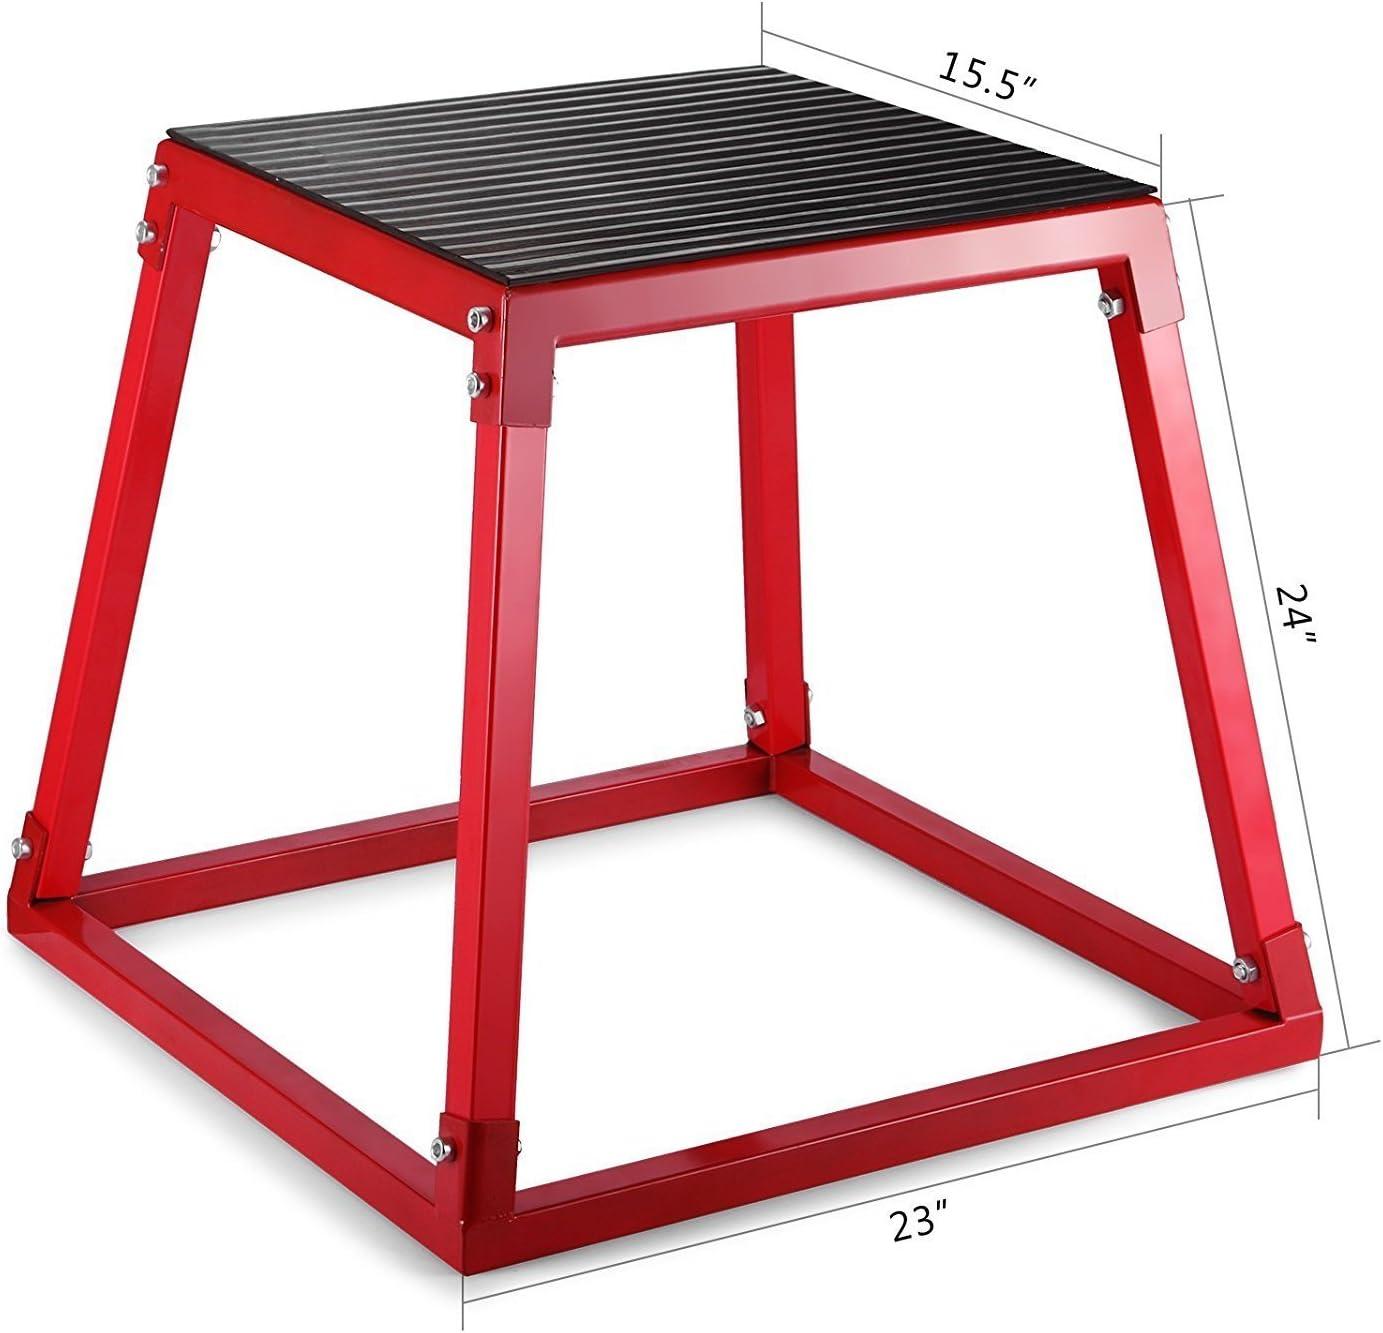 Tecmaqui Cajón de Salto para Fitness 12/18/24 Caja Pliométrica para Entrenamiento de Salto Plyo Box Banco de Salto para Crossfit (12/30.5cm): Amazon.es: Deportes y aire libre